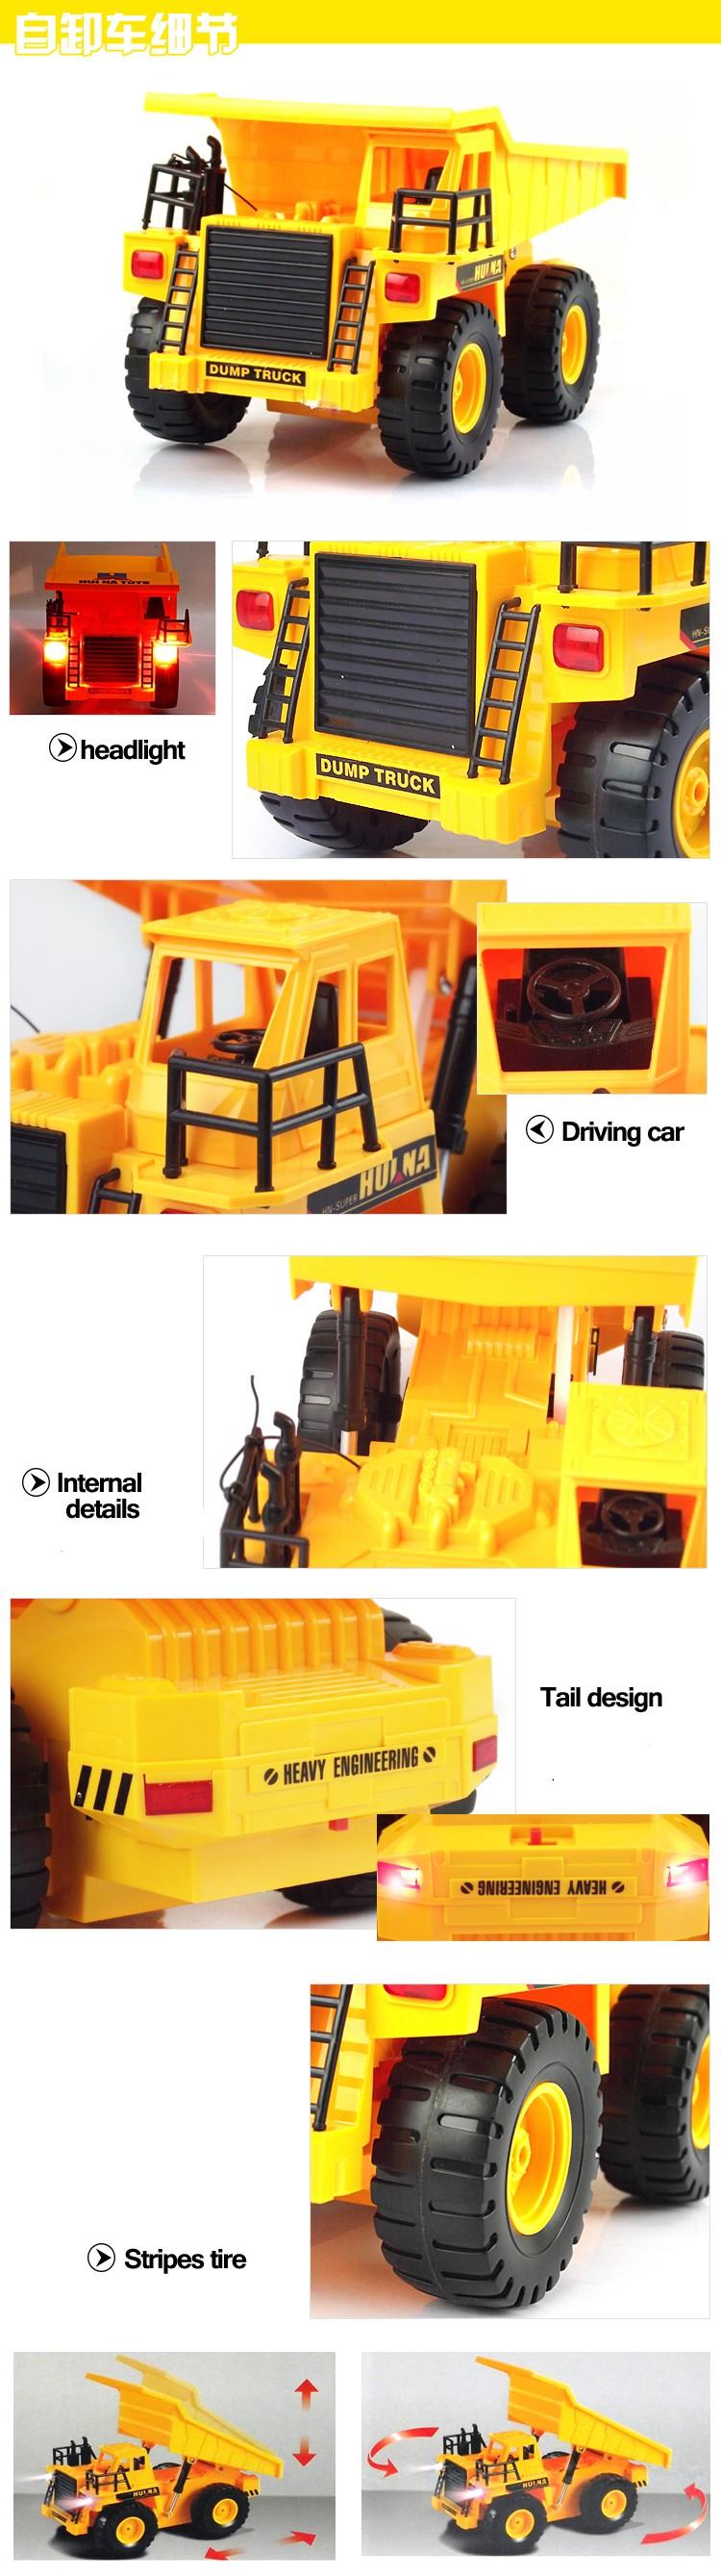 remote control car project pdf